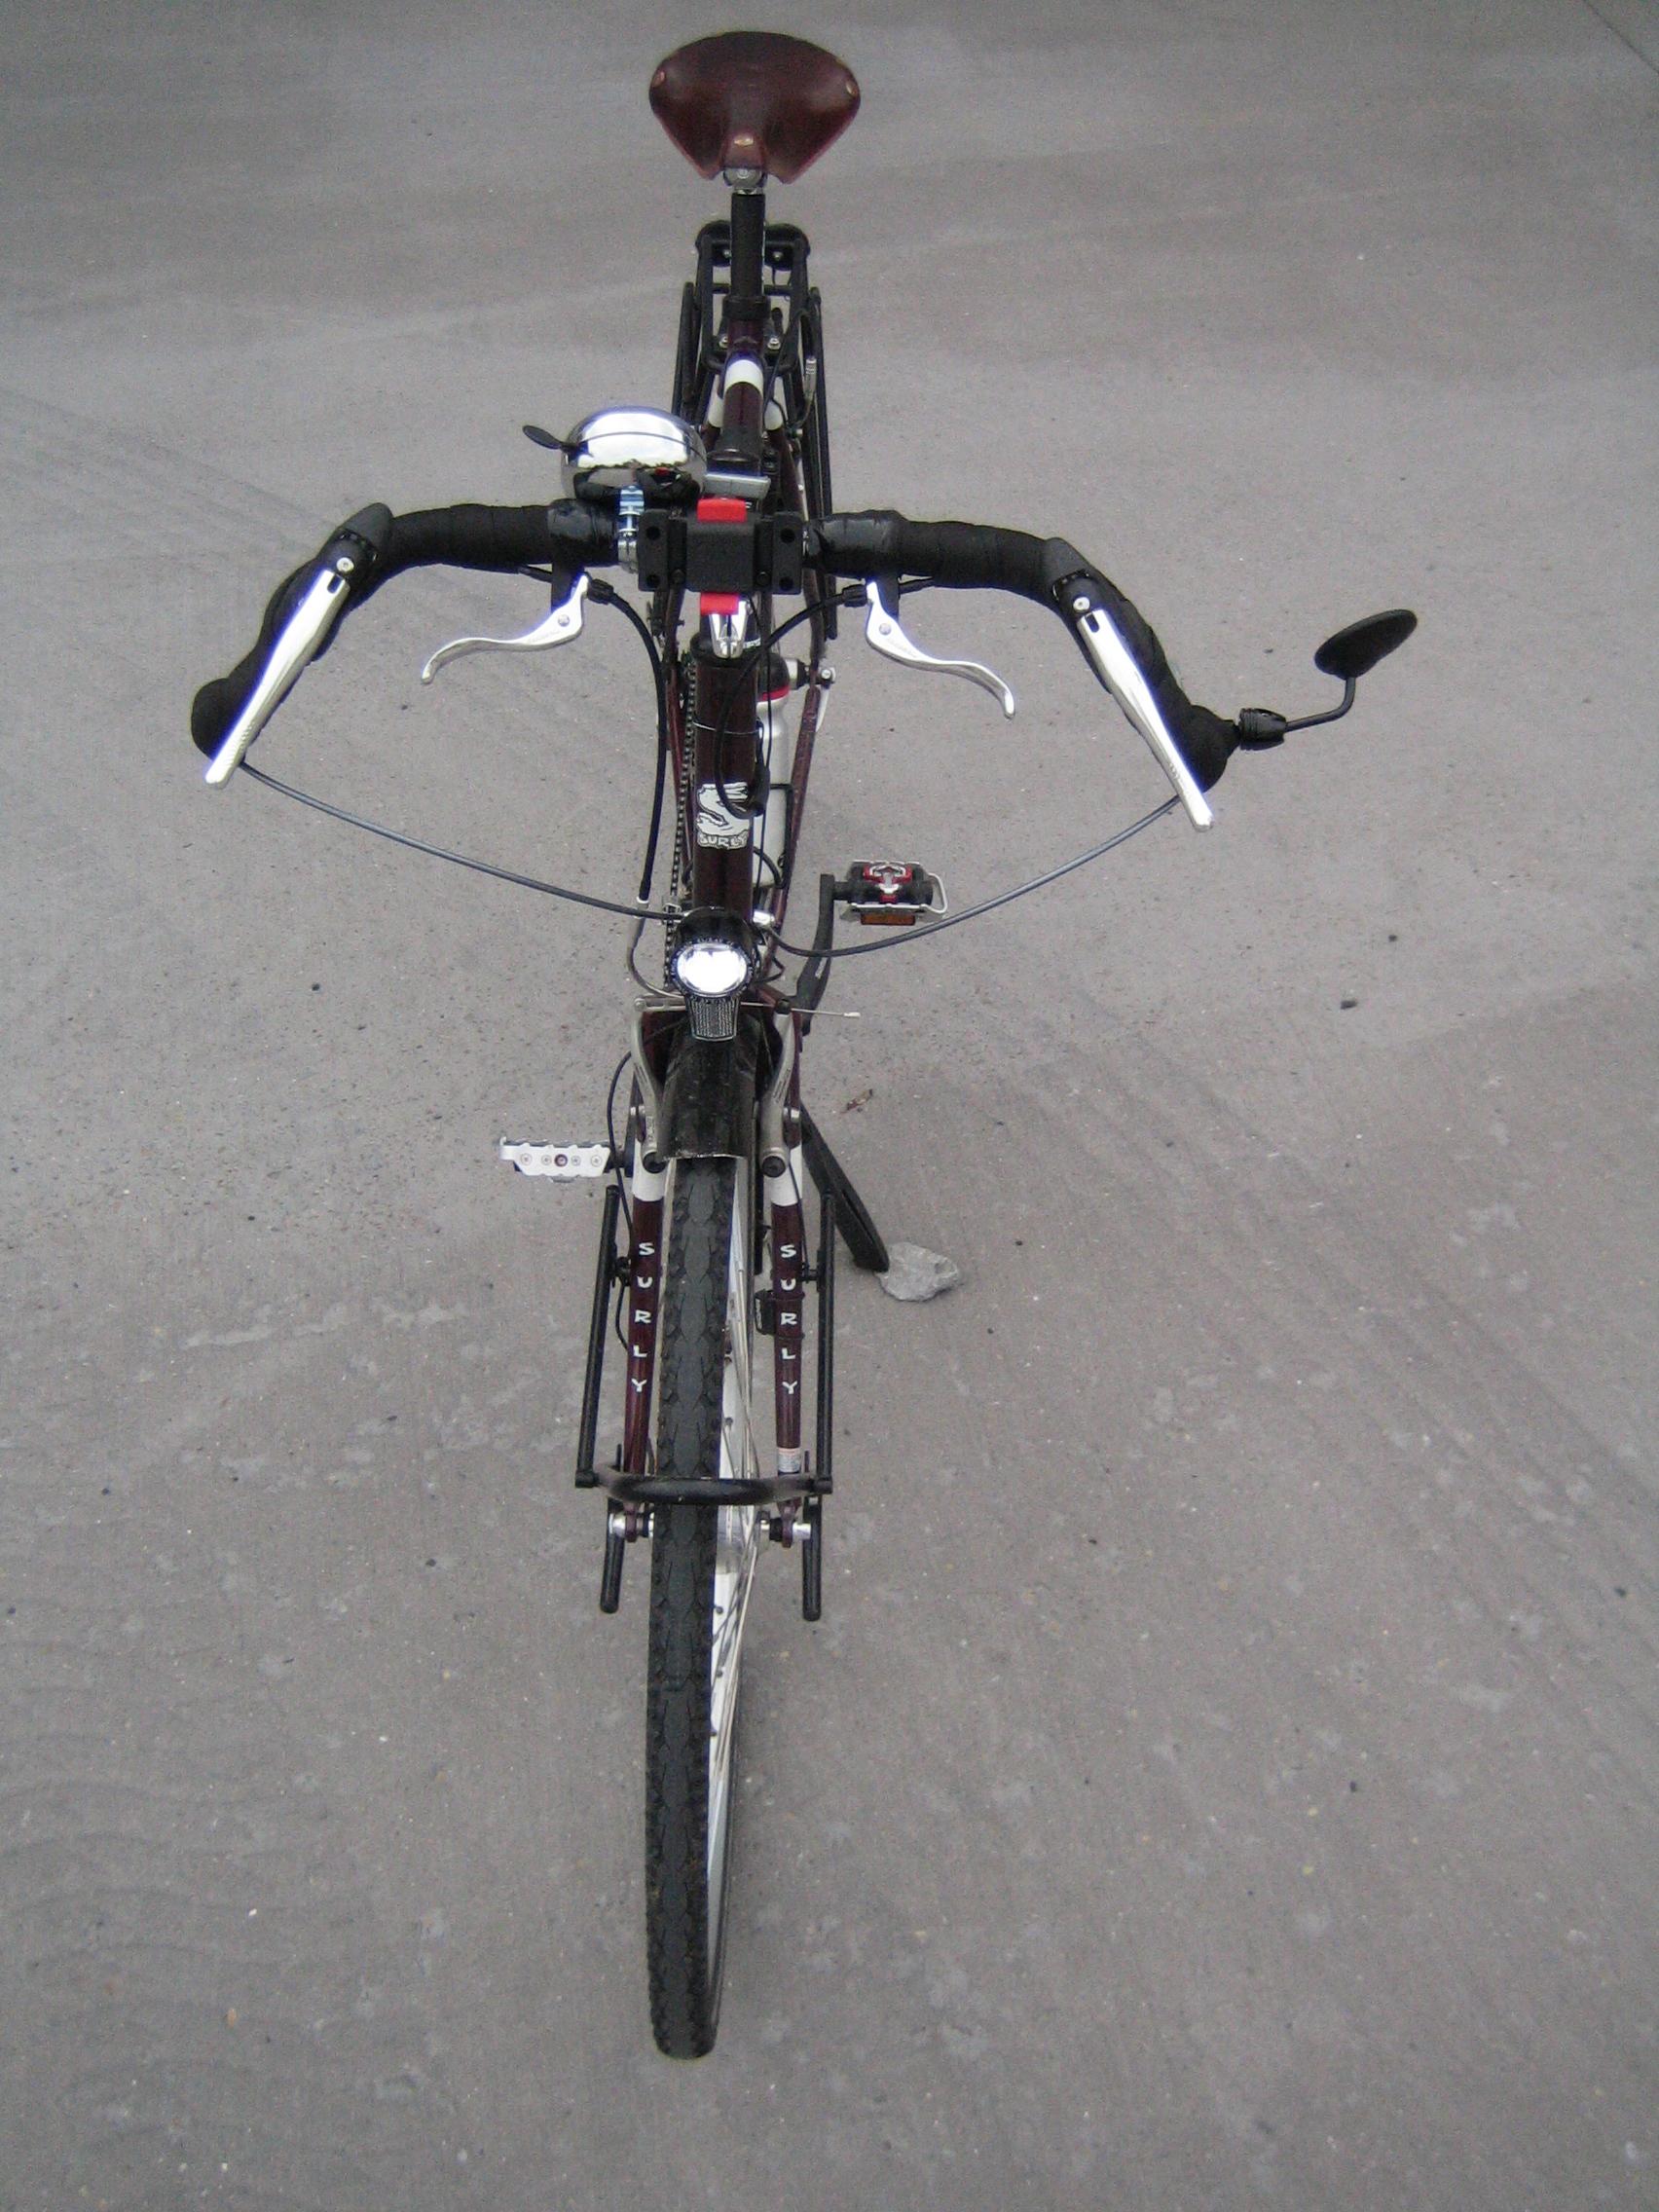 Se monter un vélo pour les nuls ?! - Page 2 10020709362646605389932